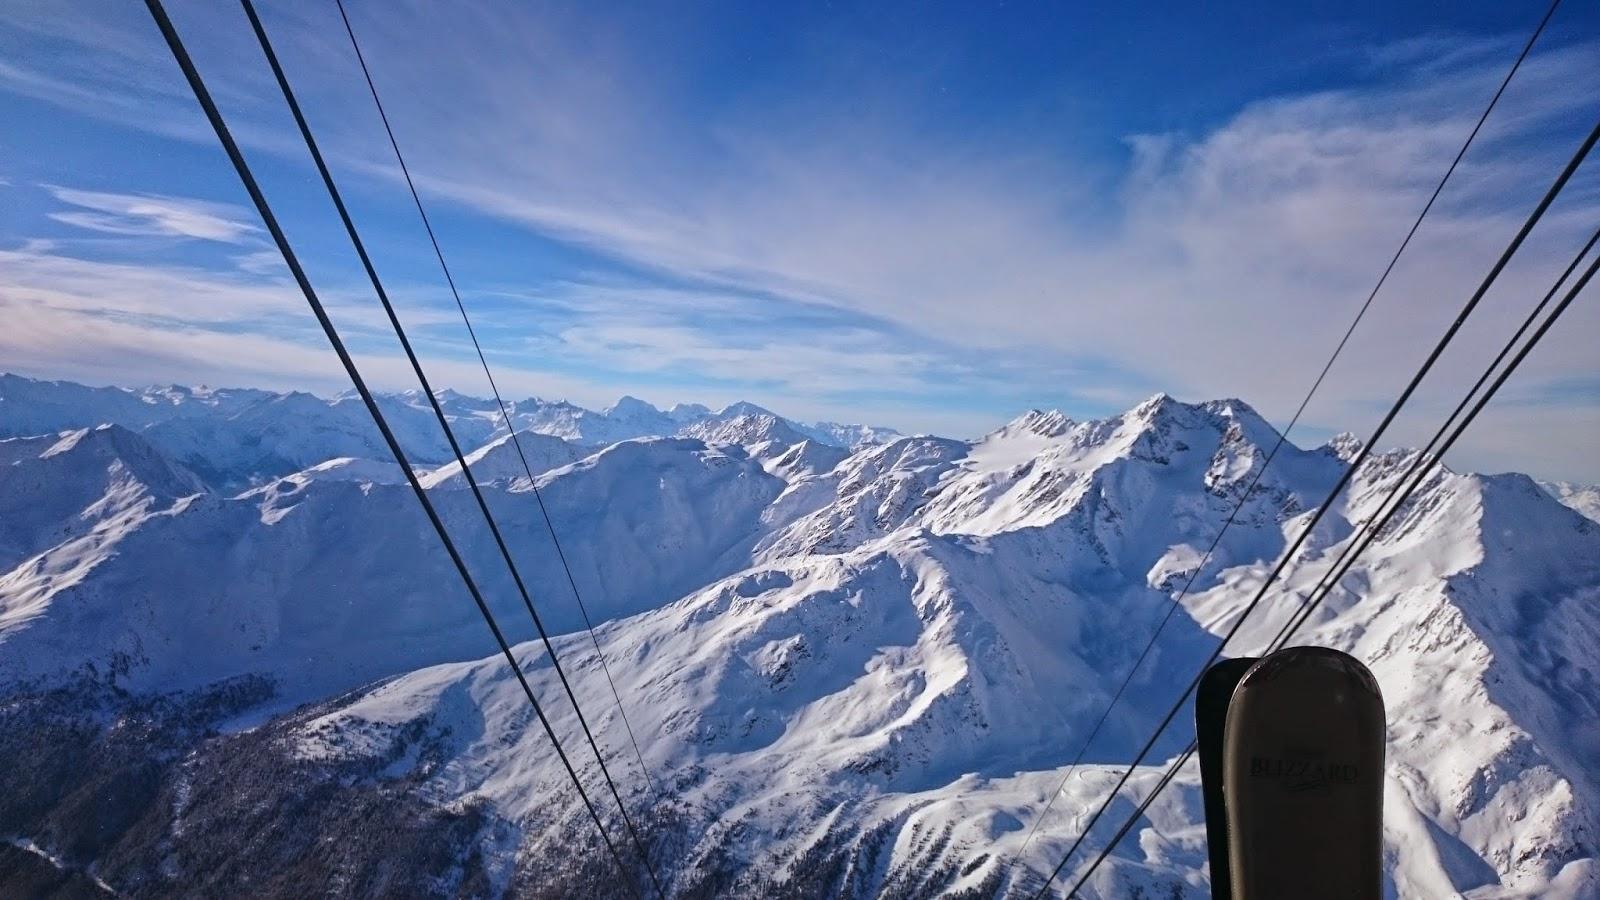 wyciąg grawand, italy, mountain, góry widoki,snow śnieg, blogger, inspirations, Italy snow ski, narty w maso corto